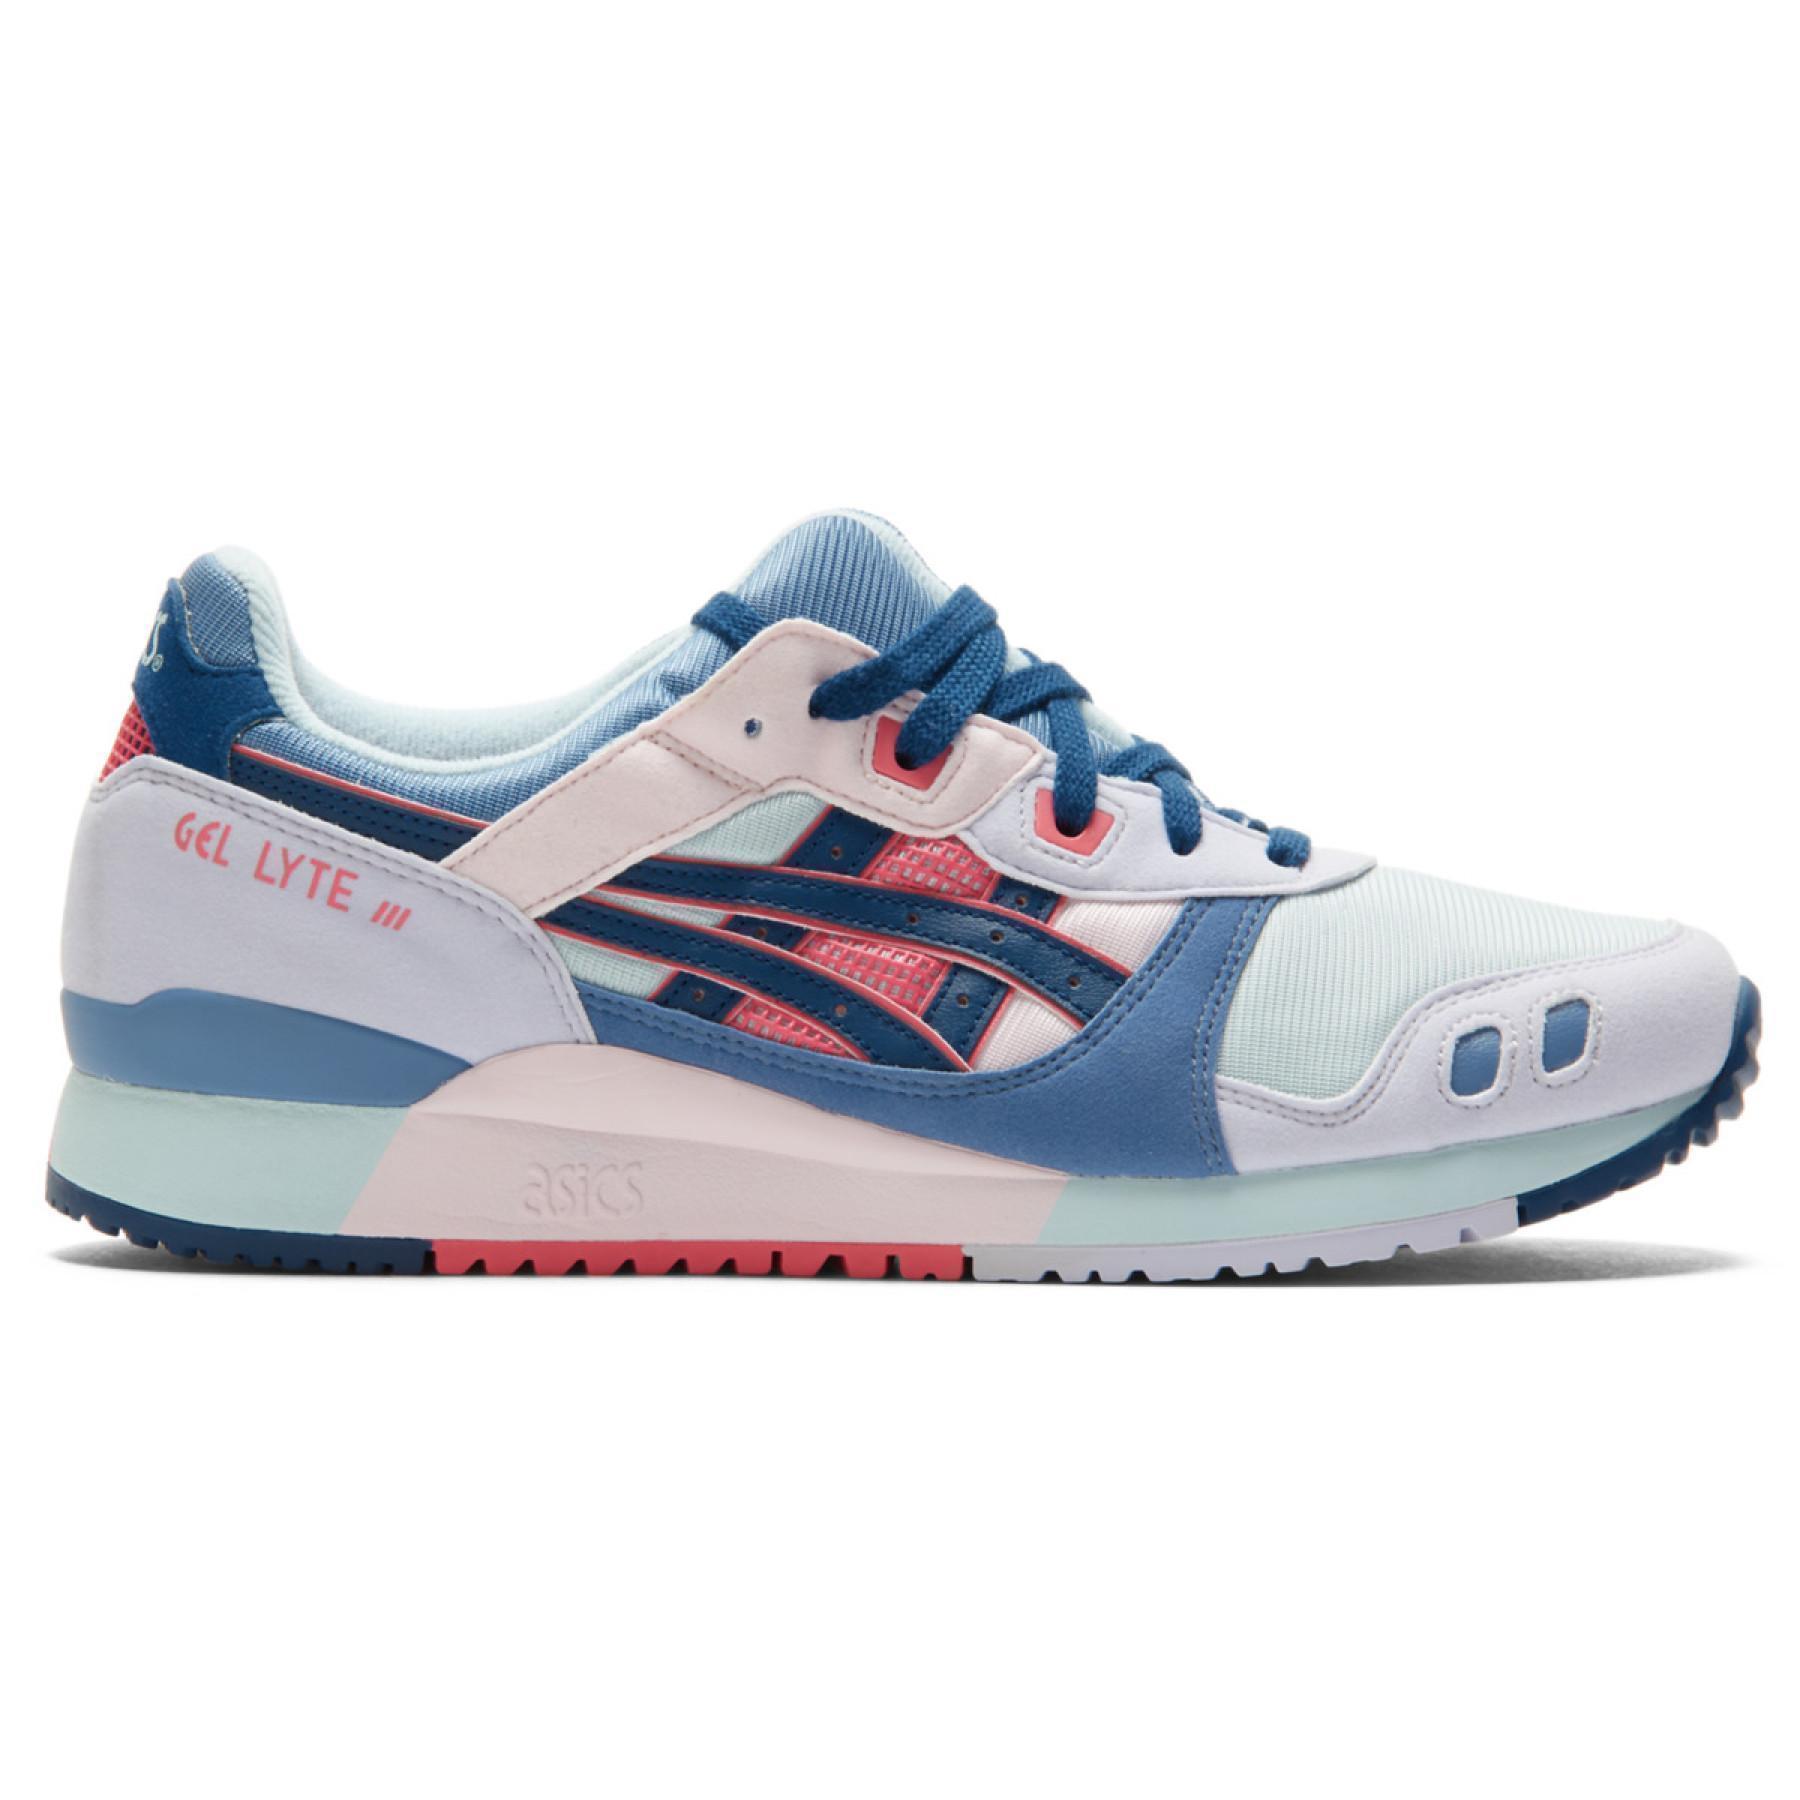 Asics Gel-Lyte III OG Shoes